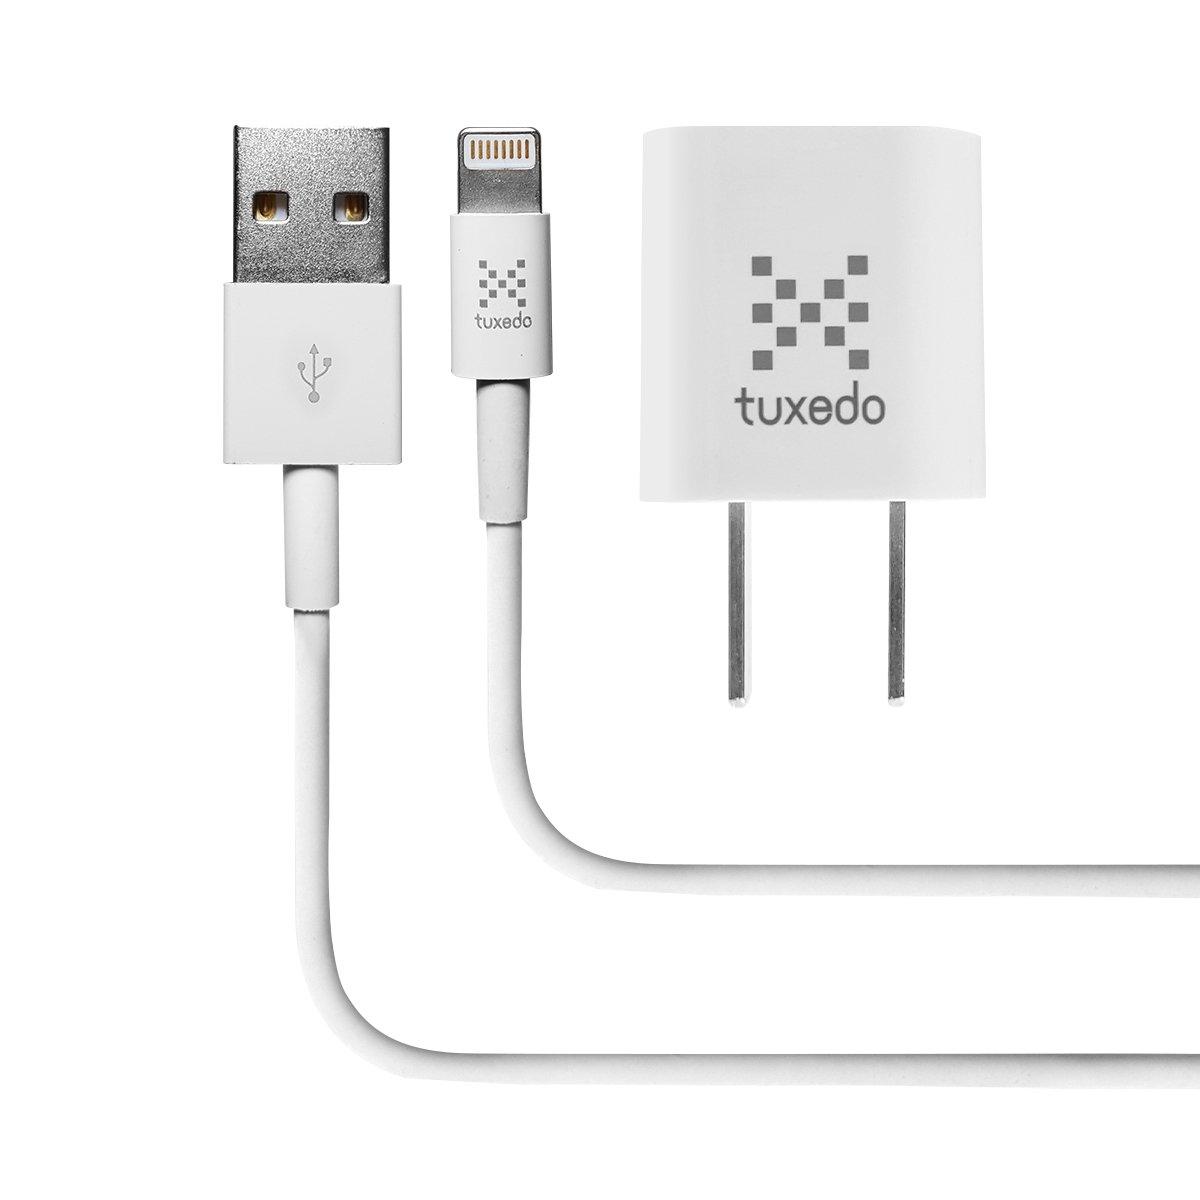 Bộ cáp sạc điện thoại Tuxedo C100 Lightning USB, gồm 1 củ sạc Tuxedo 1A và 1 cáp Tuxedo Lightning USB dài 1m